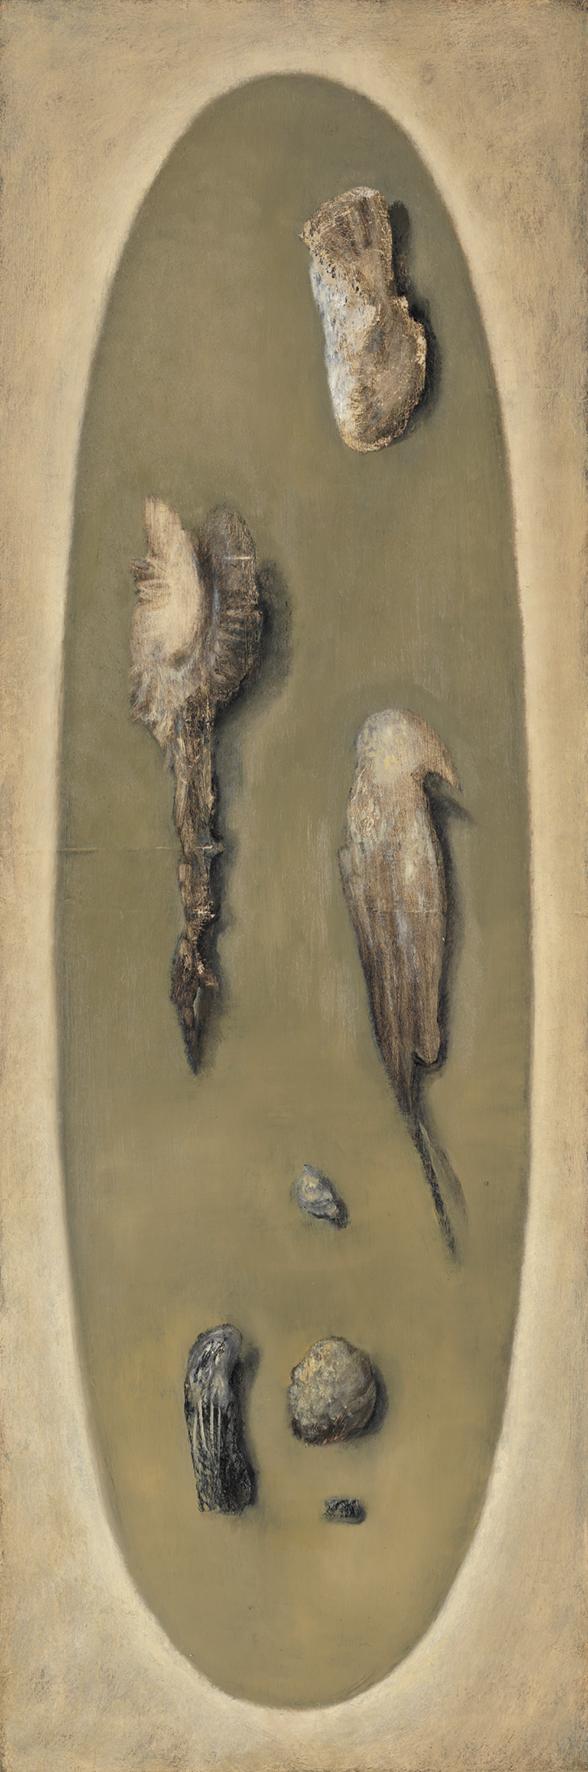 Senza titolo, 2008, olio su carta su tela, cm 150 x 50